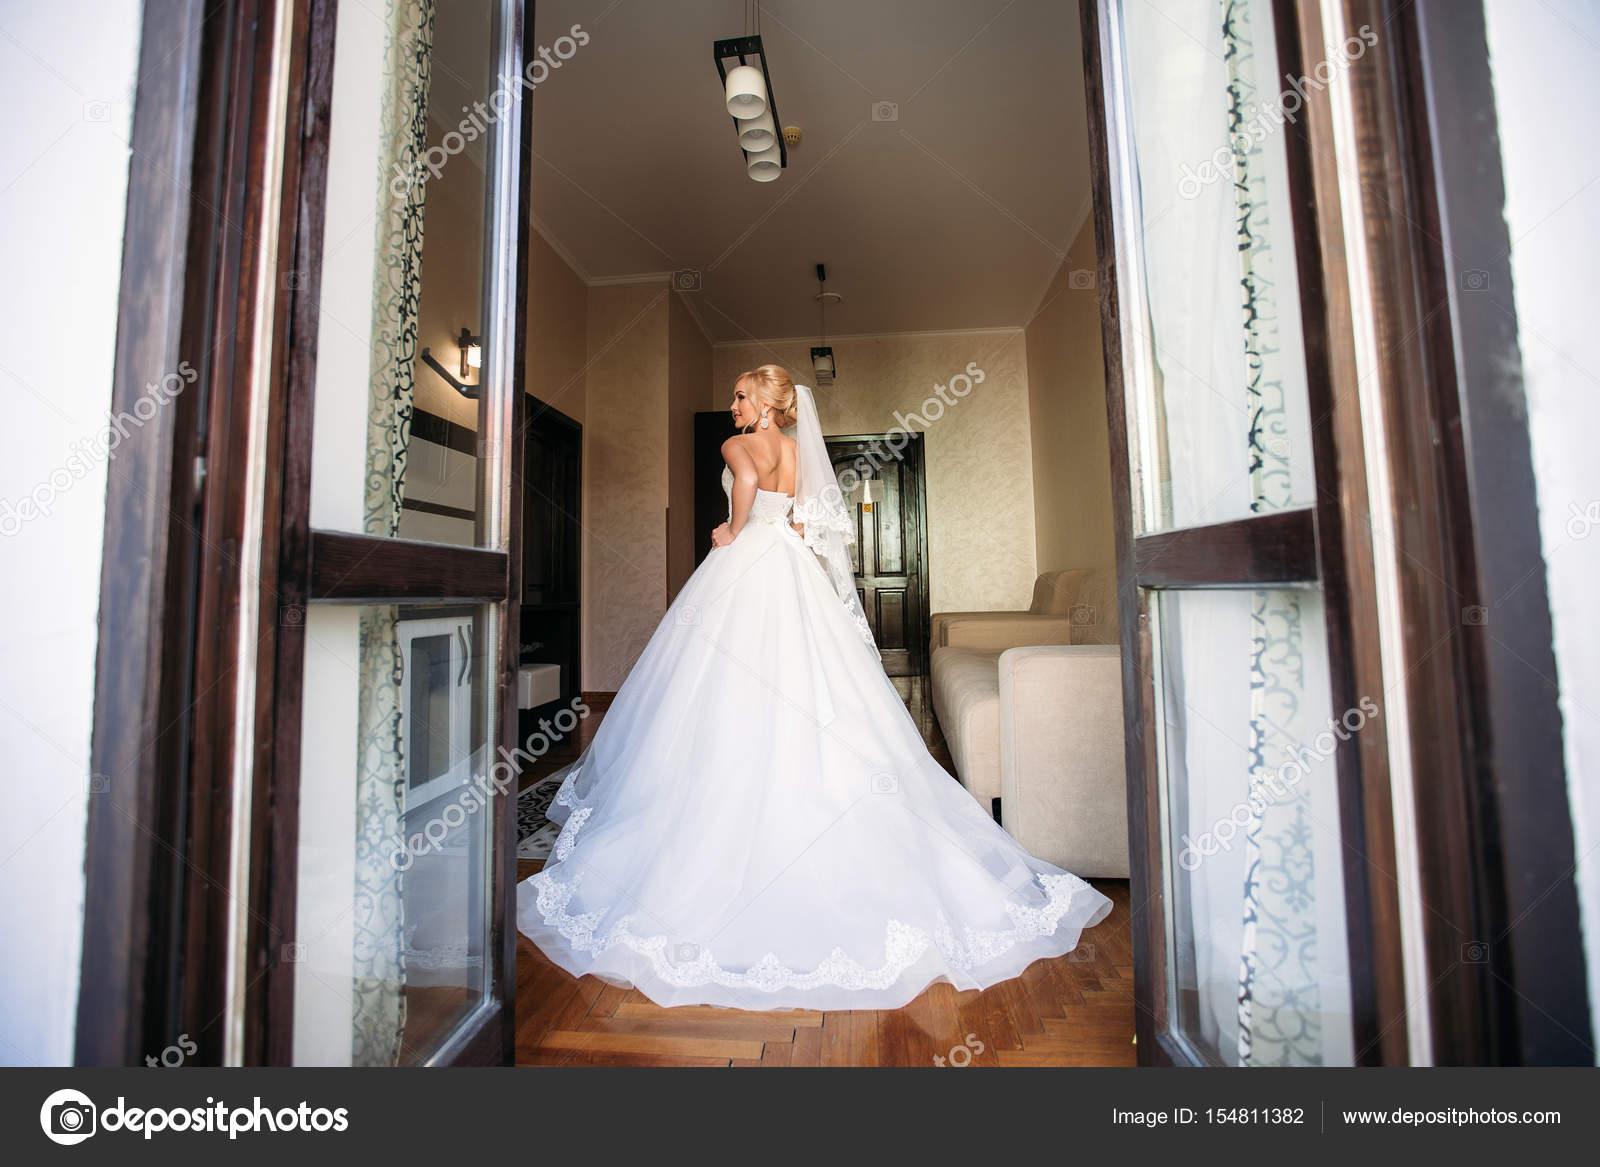 Porträt einer Braut im Hochzeitskleid. Die Braut Kleider im hotel ...